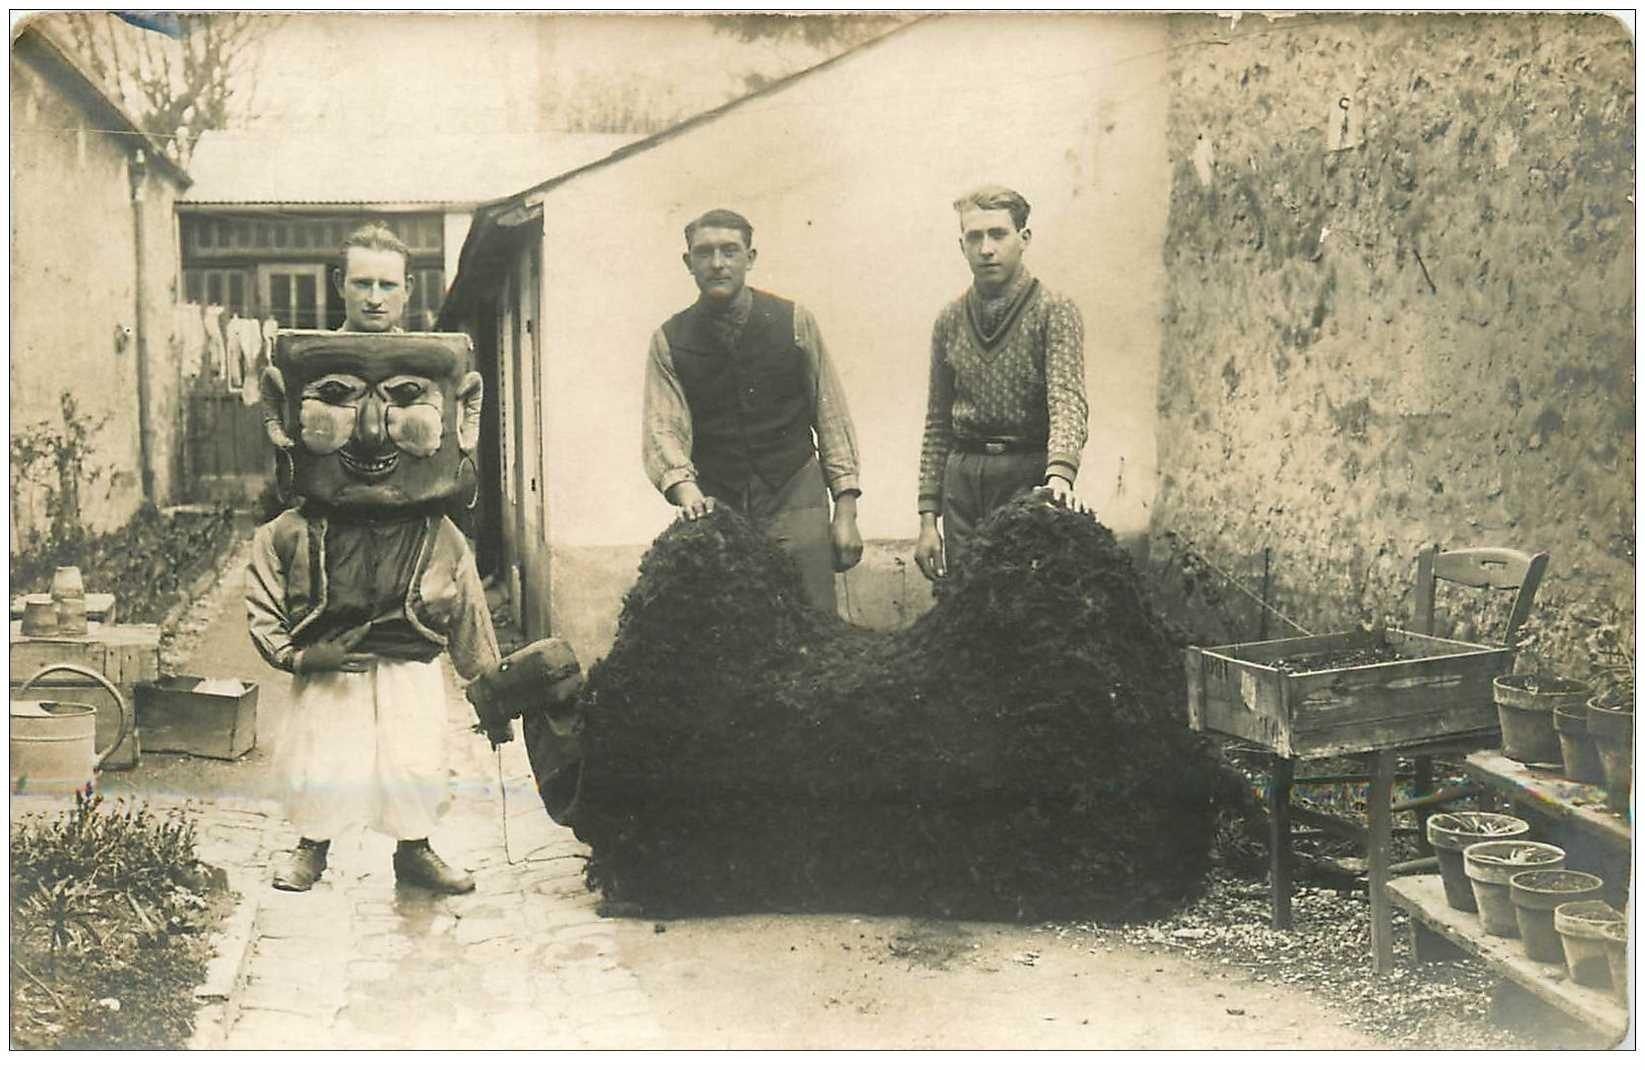 carte postale ancienne SPECTACLE CARNAVAL. Groupe façonnant des animaux sûrement pour Carnaval ou défilé. Photo carte postale